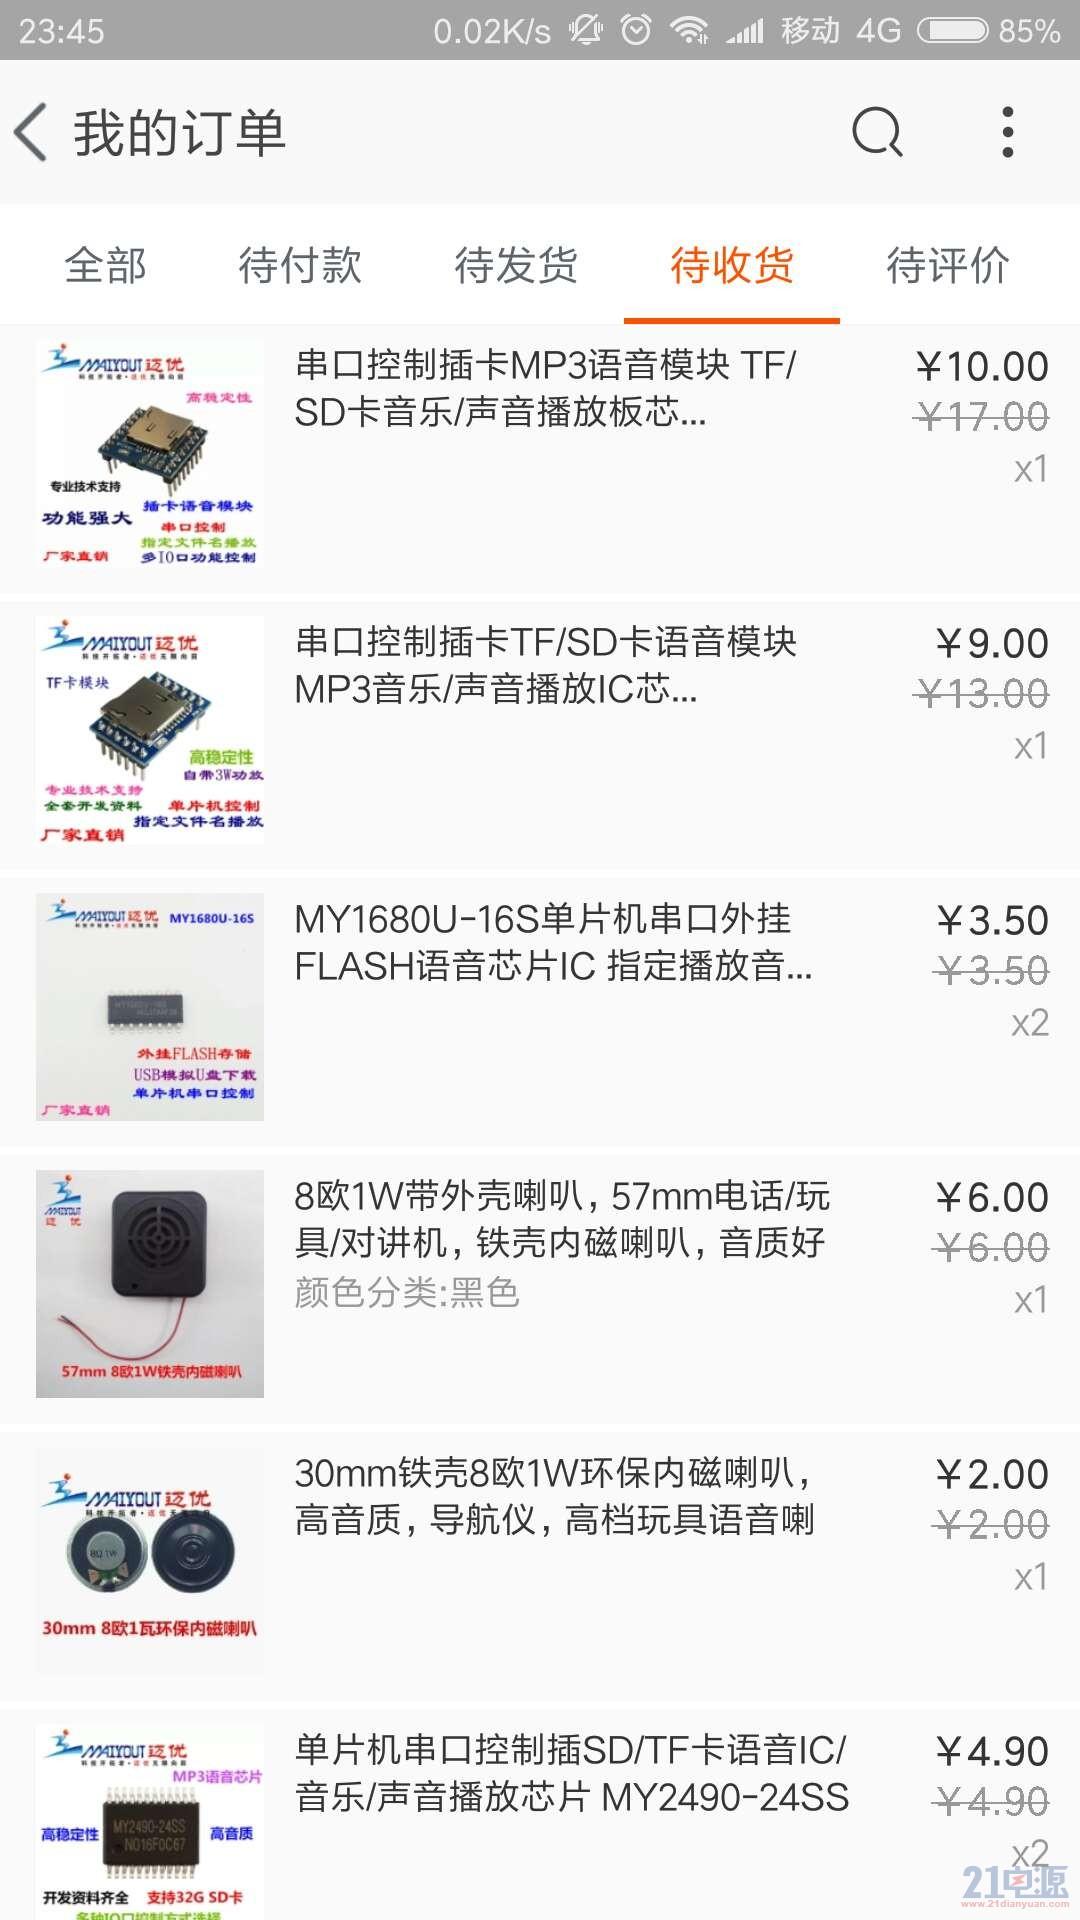 购买东东.jpg